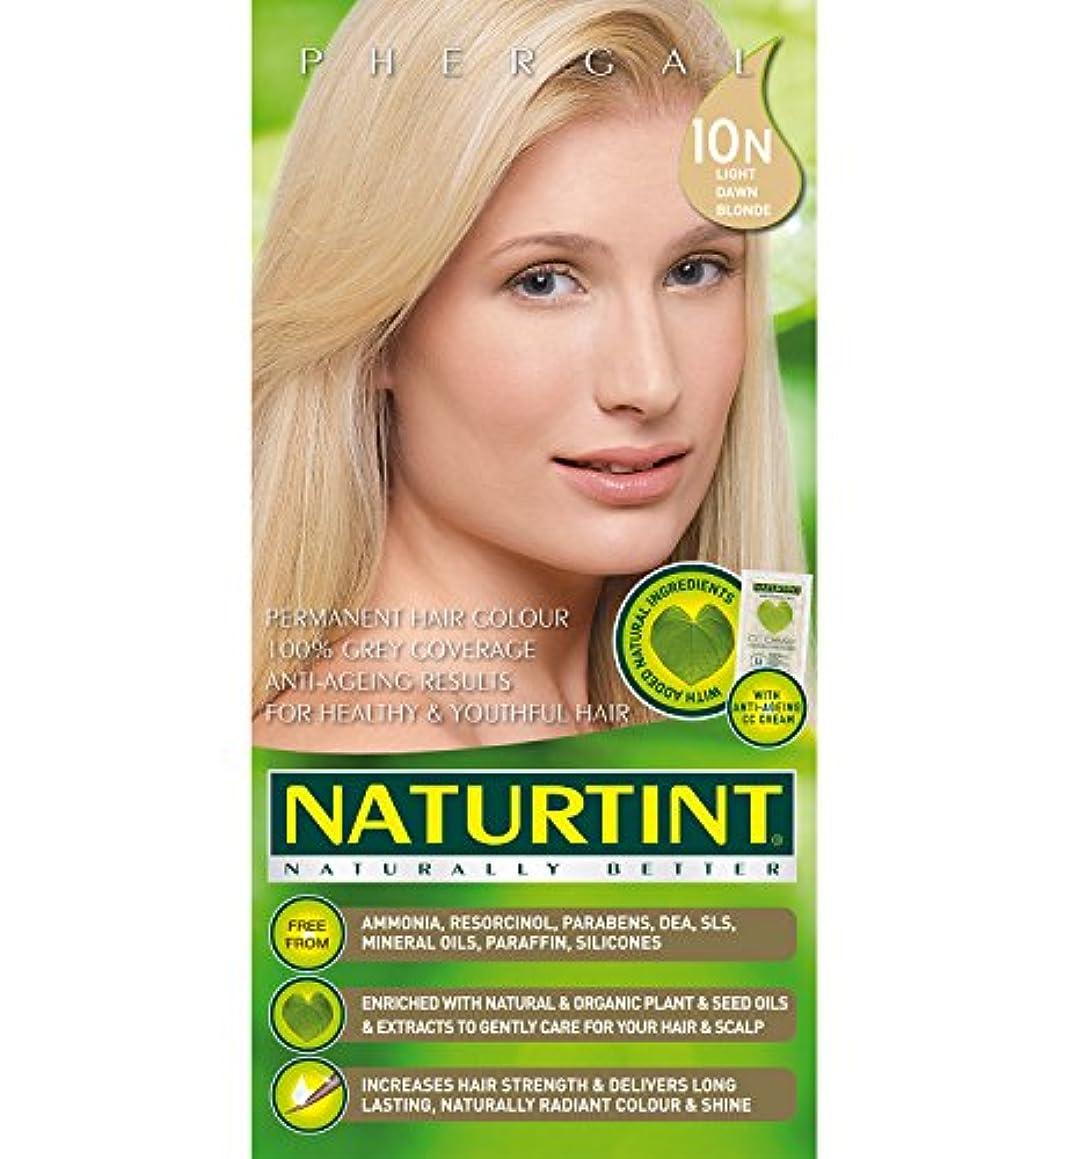 四回強調するひねくれたNaturtint Hair Color 10N Light Dawn Blonde Count (並行輸入品)